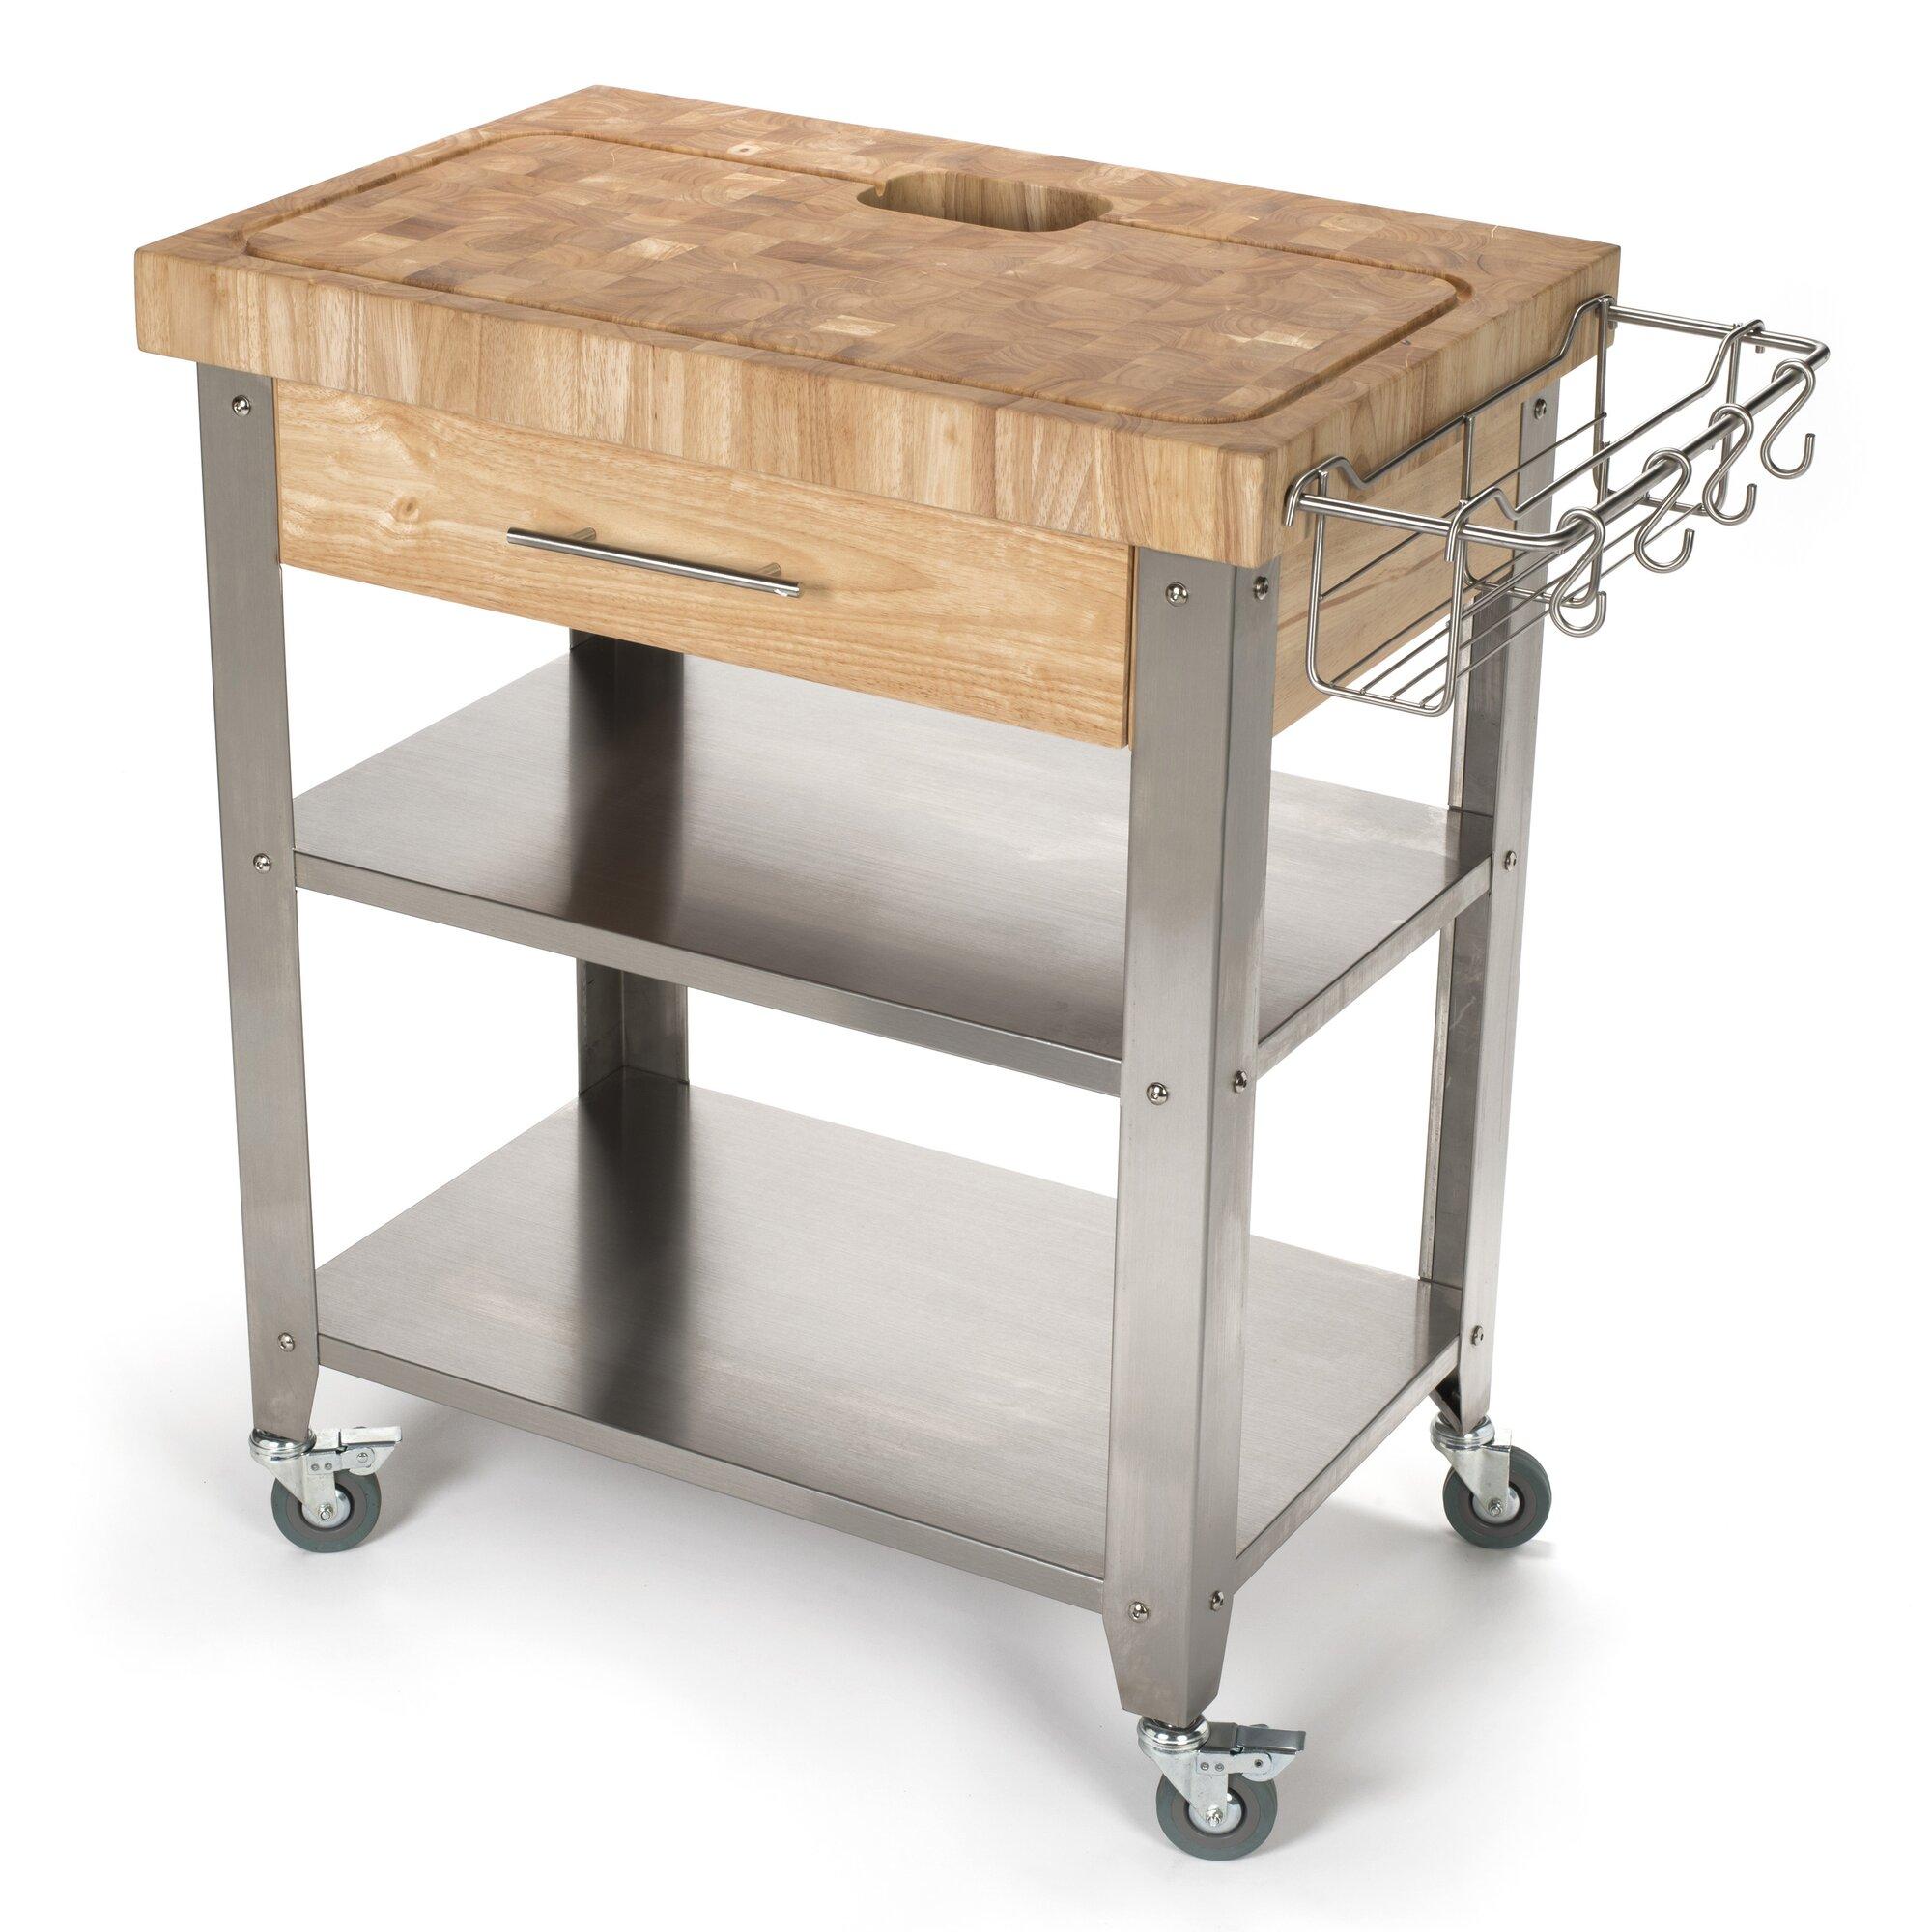 Chris Chris Pro Stadium Kitchen Cart With Butcher Block Top Reviews Wayfair